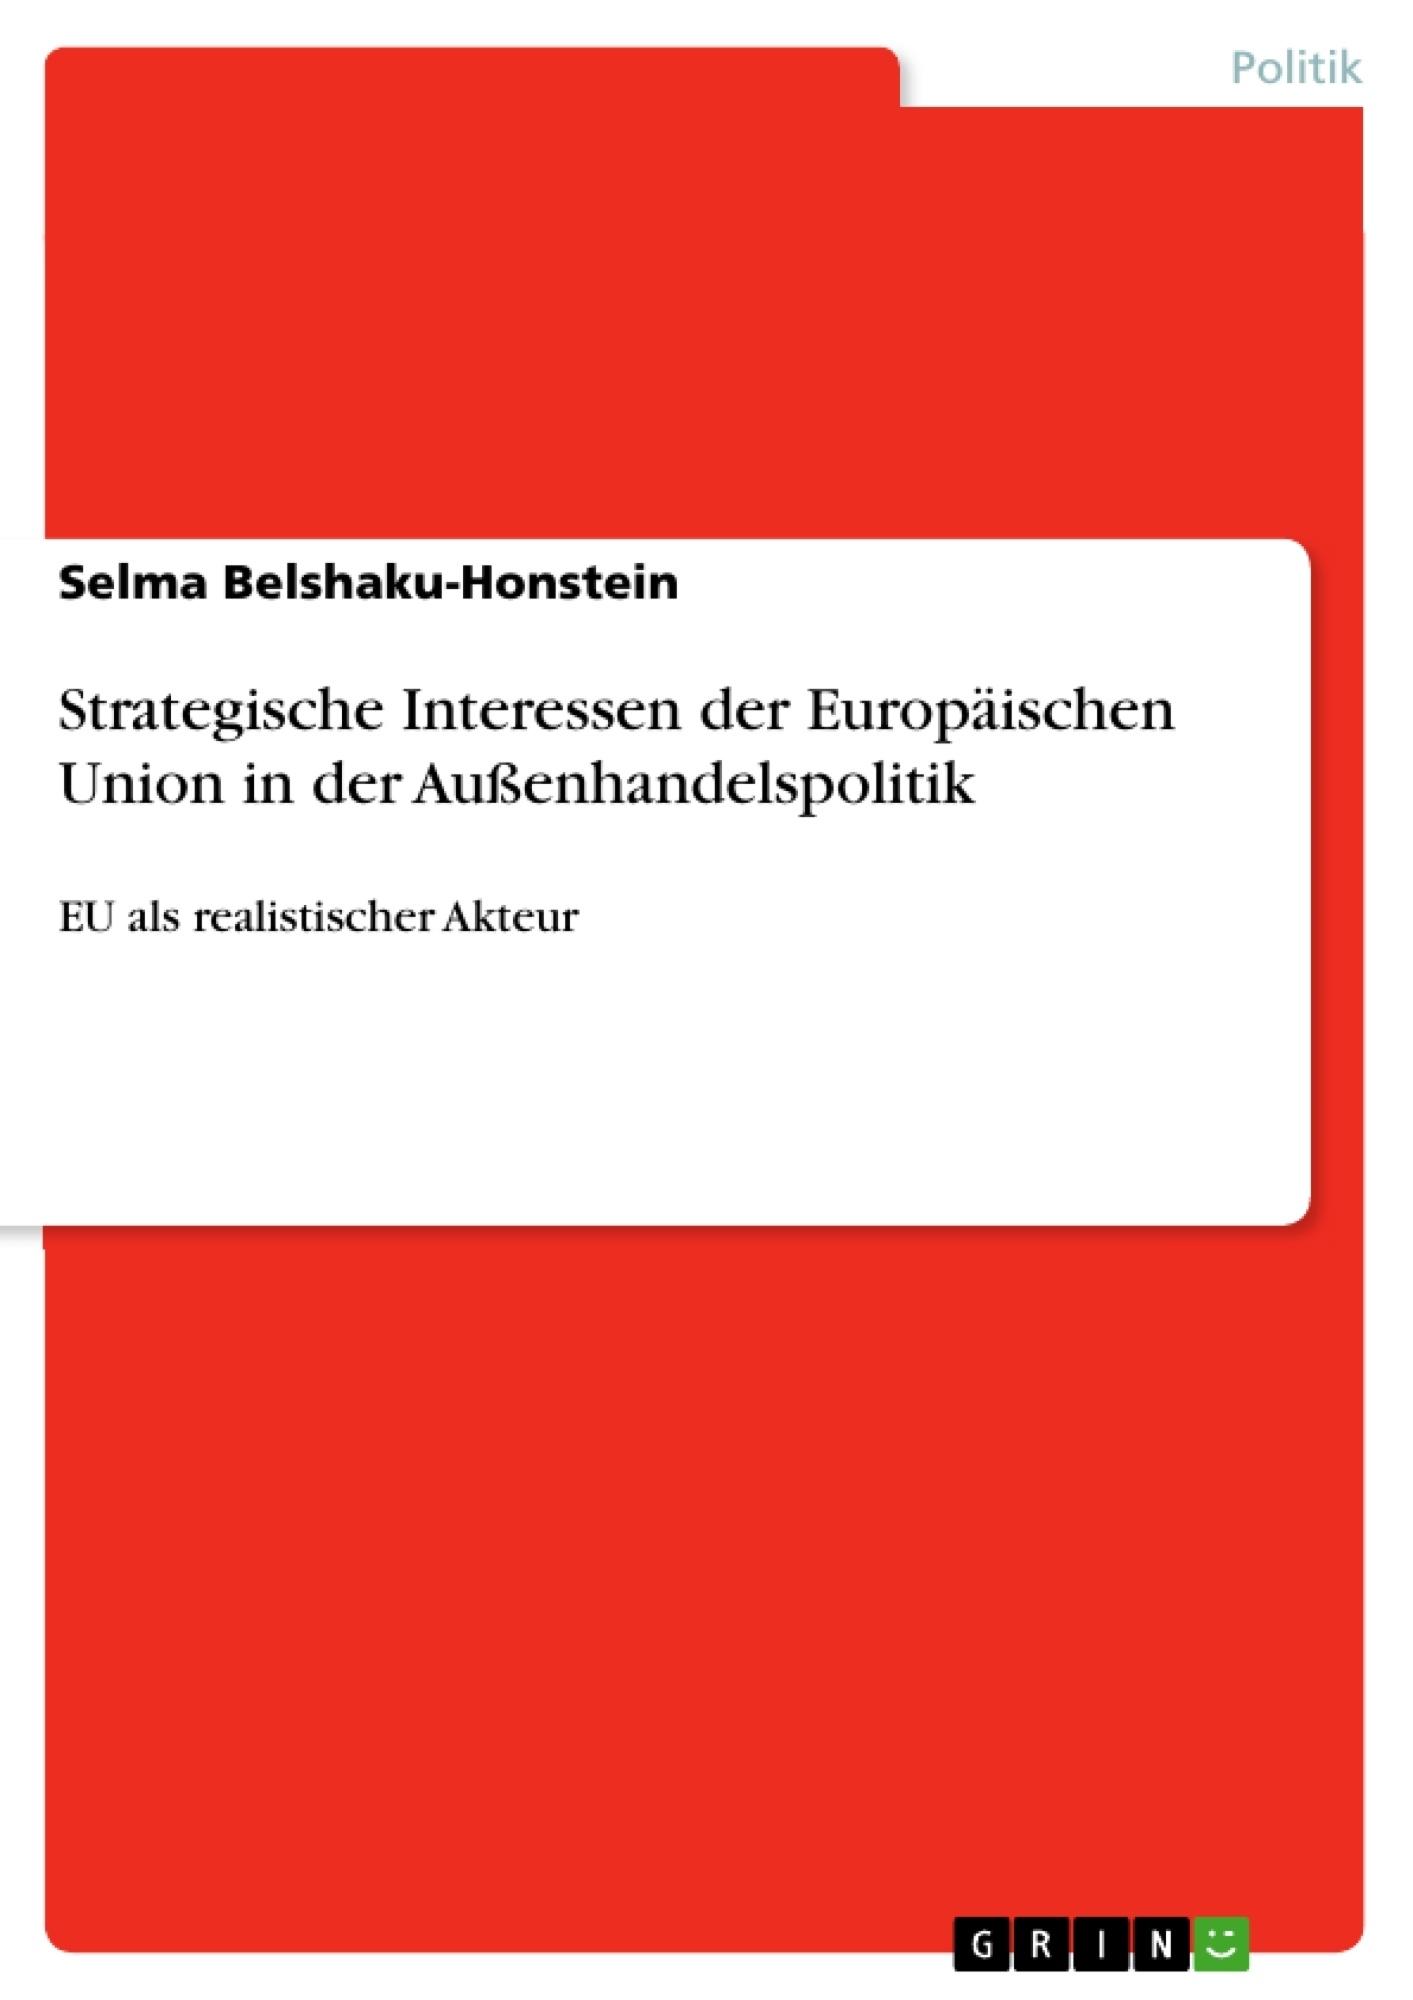 Titel: Strategische Interessen der Europäischen Union in der Außenhandelspolitik